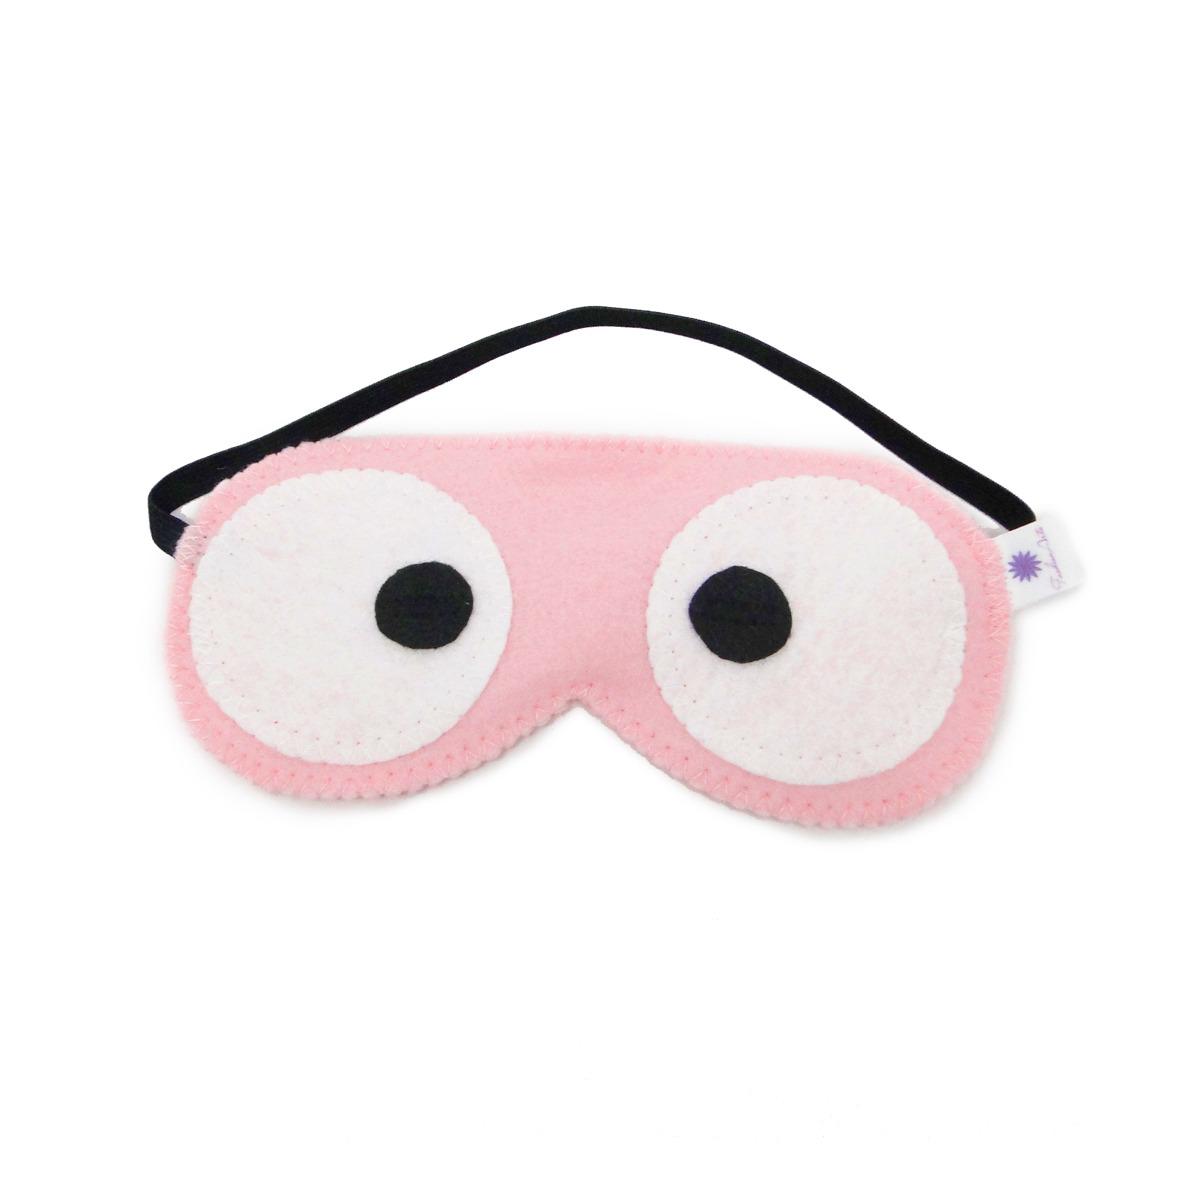 2adfe4a57 máscara de soneca olhos feltro infantil* no Elo7   FashionArts (38A110)